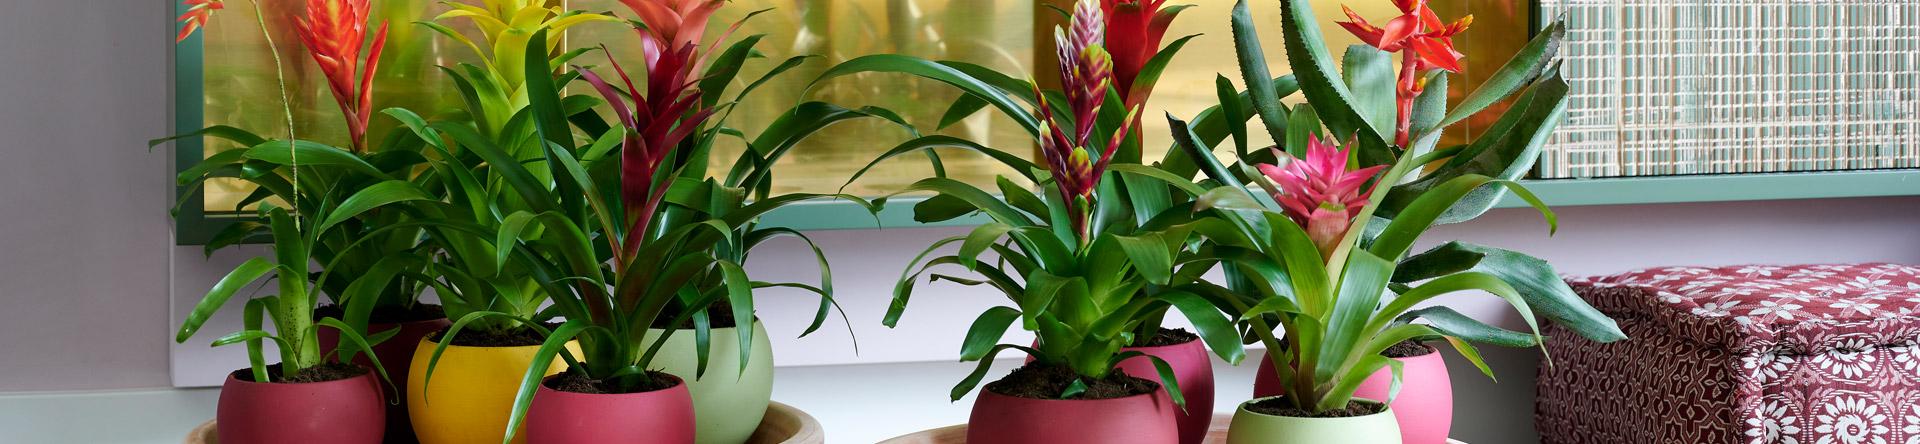 Bromelia's zijn zo goed als onderhoudsvrij en geven vrolijke energie, tot wel zes maanden lang!